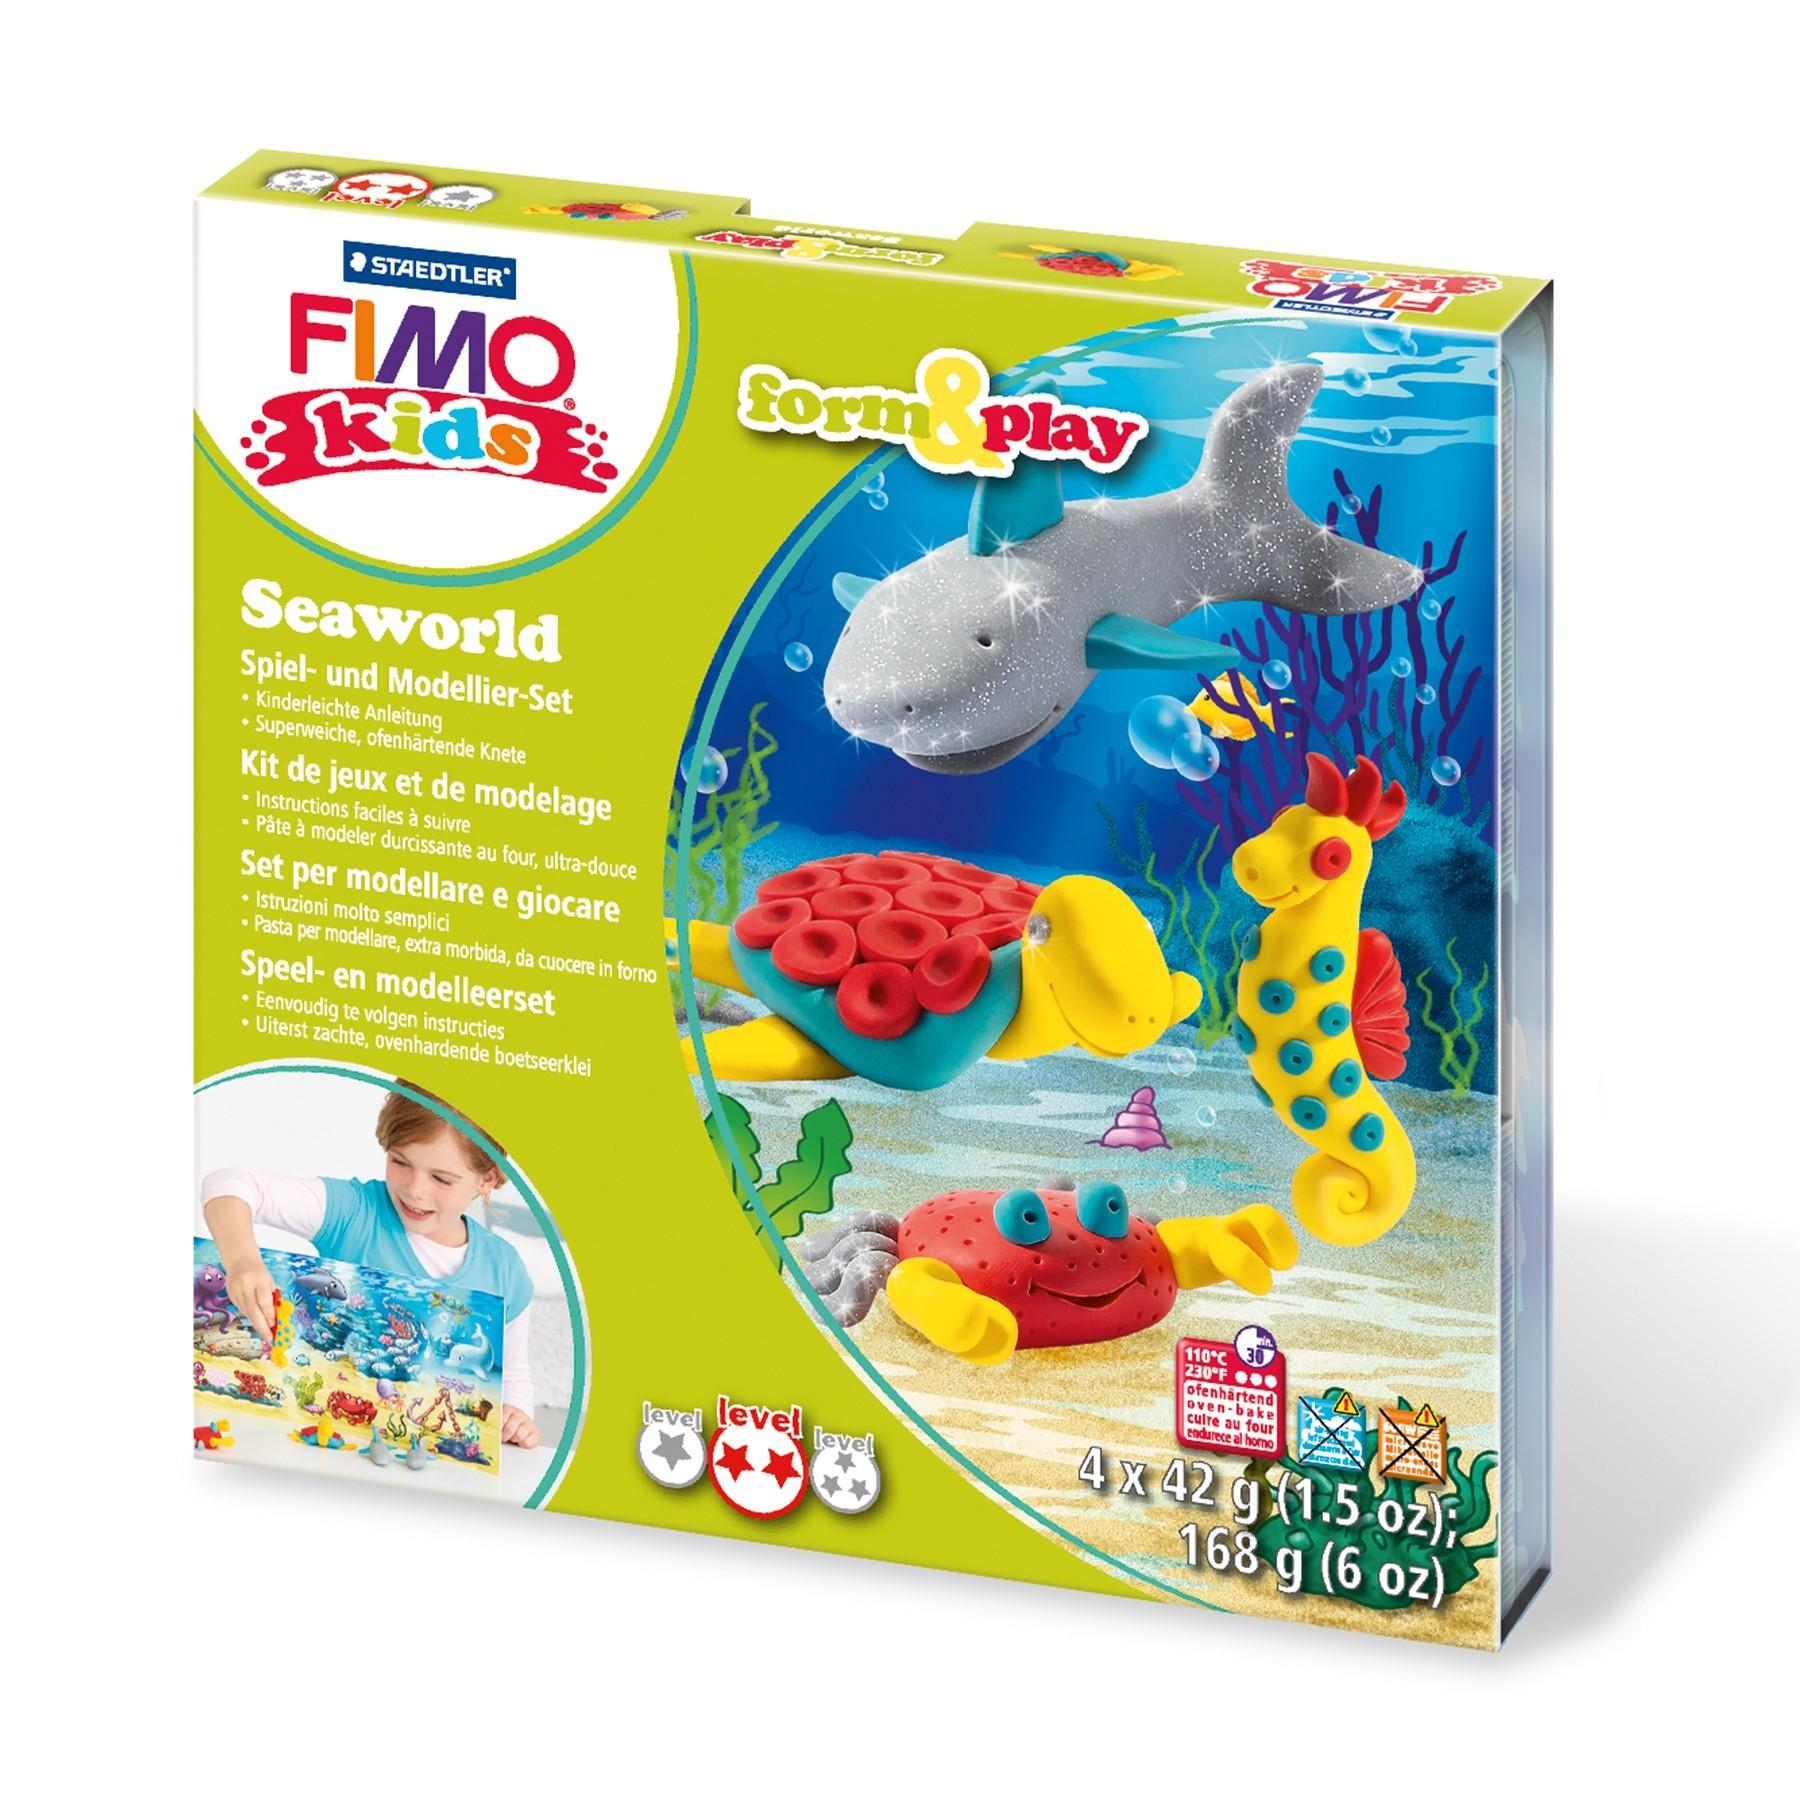 Vorschau: STAEDTLER FIMO kids 8034 - Knetmasse - Grau - Rot - Türkis - Gelb - Kinder - 4 Stück(e) - 4 Farben - 42 g